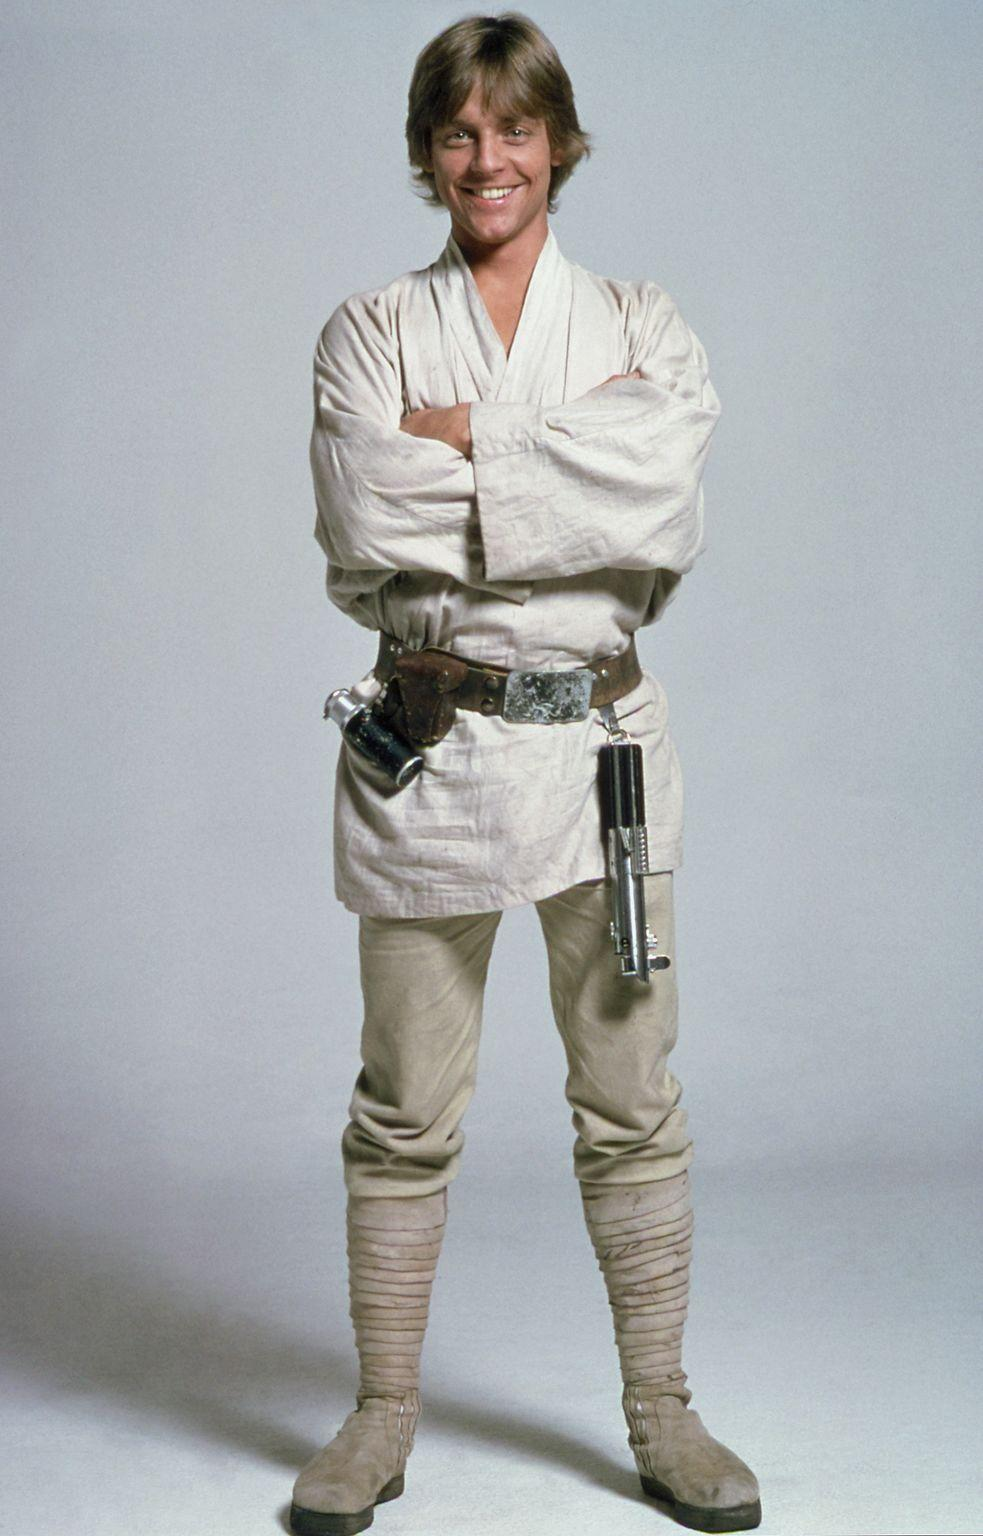 Luke Skywalker Luke Skywalker Photo 38118996 Fanpop